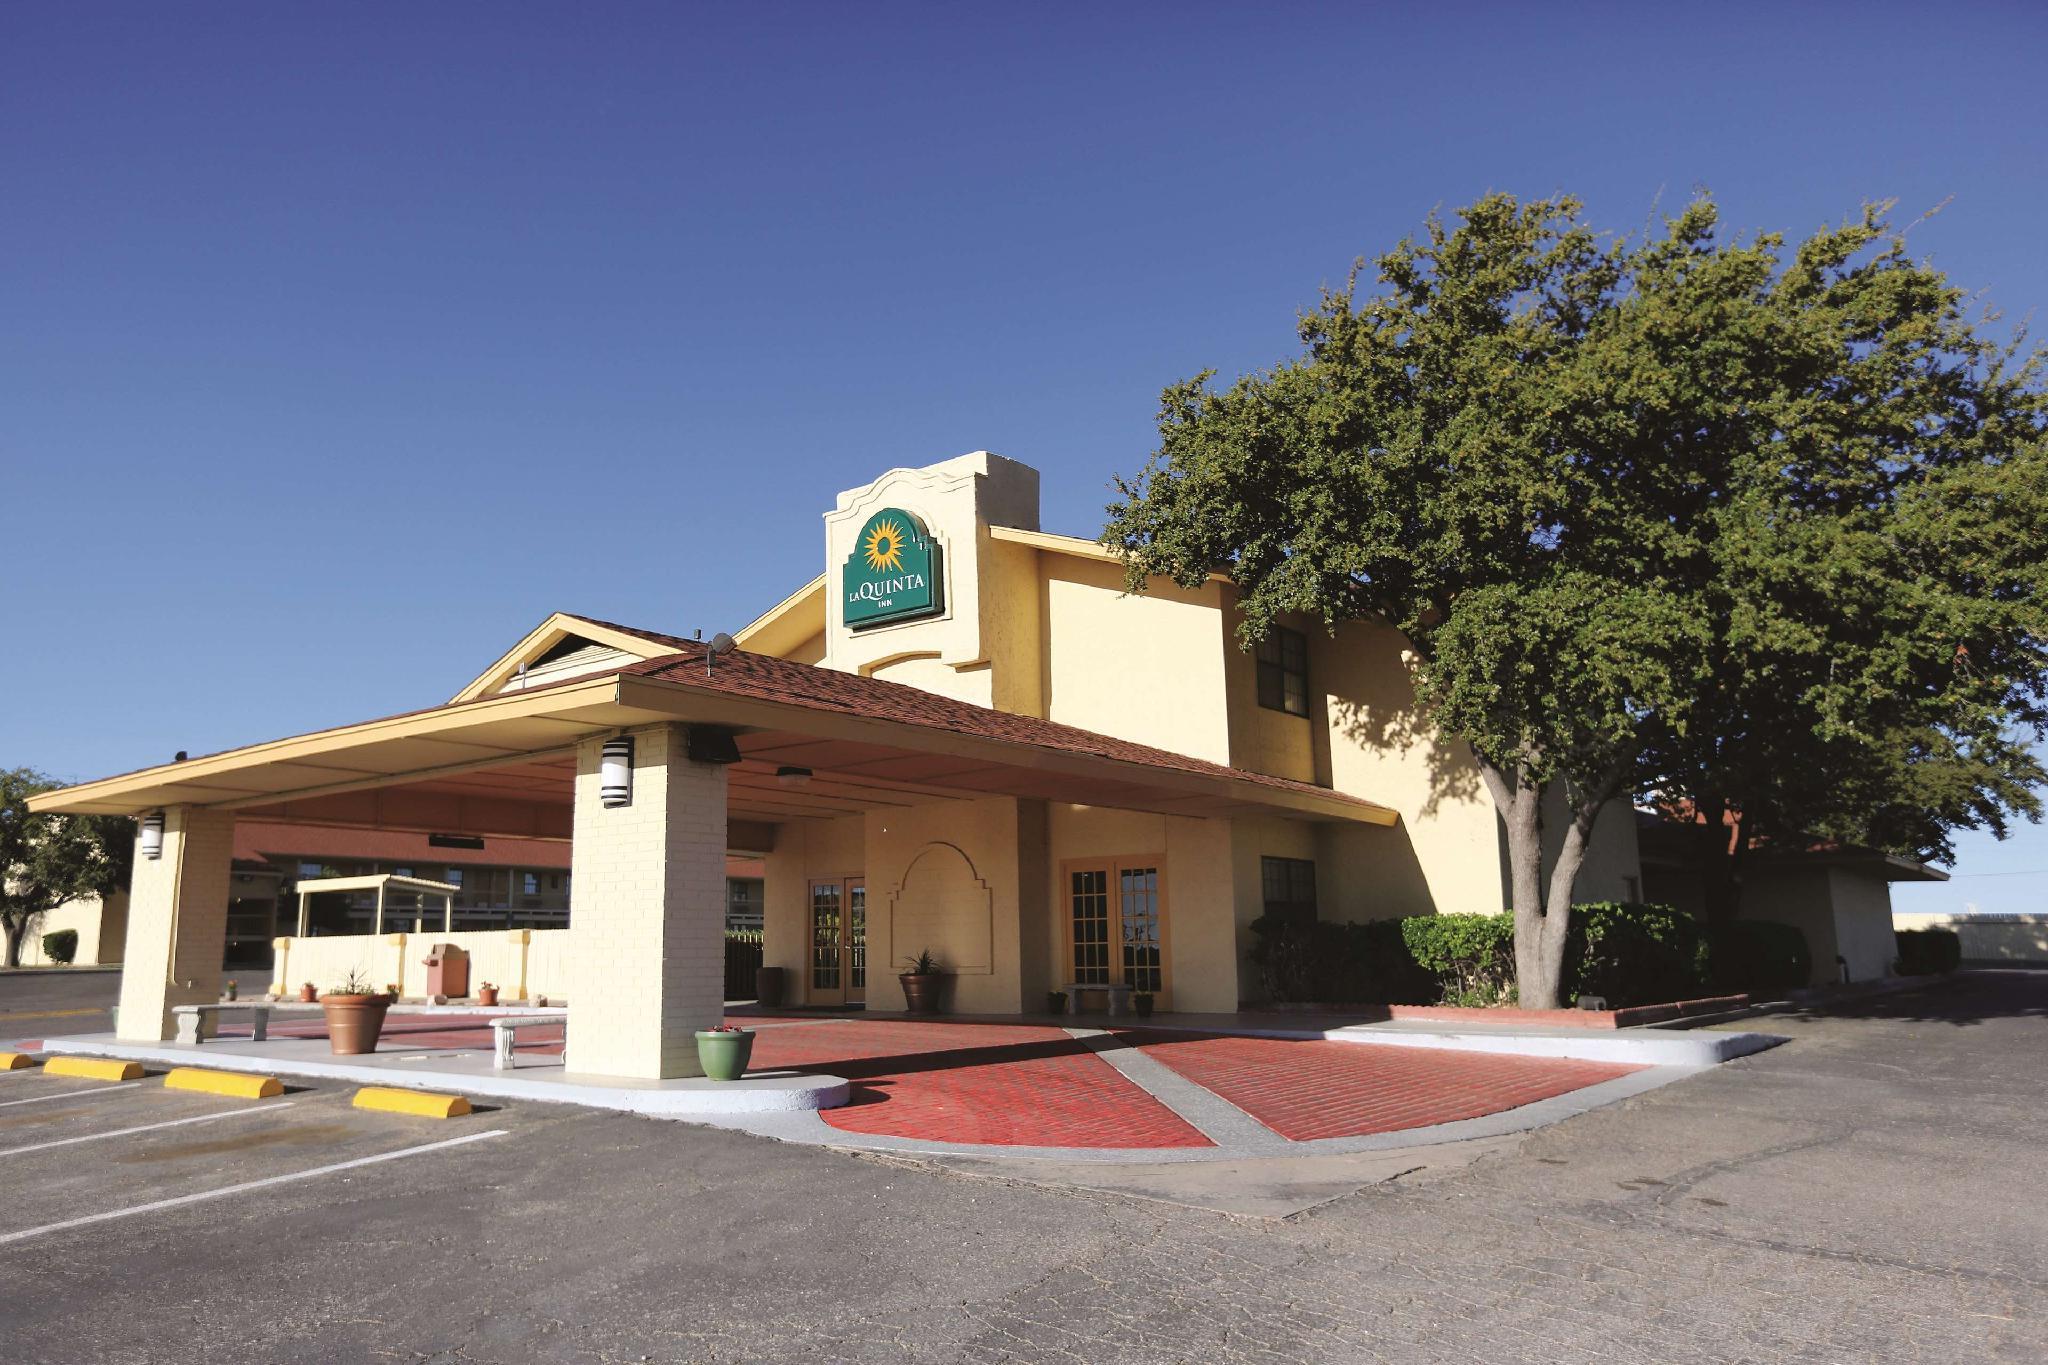 La Quinta Inn By Wyndham Fort Stockton